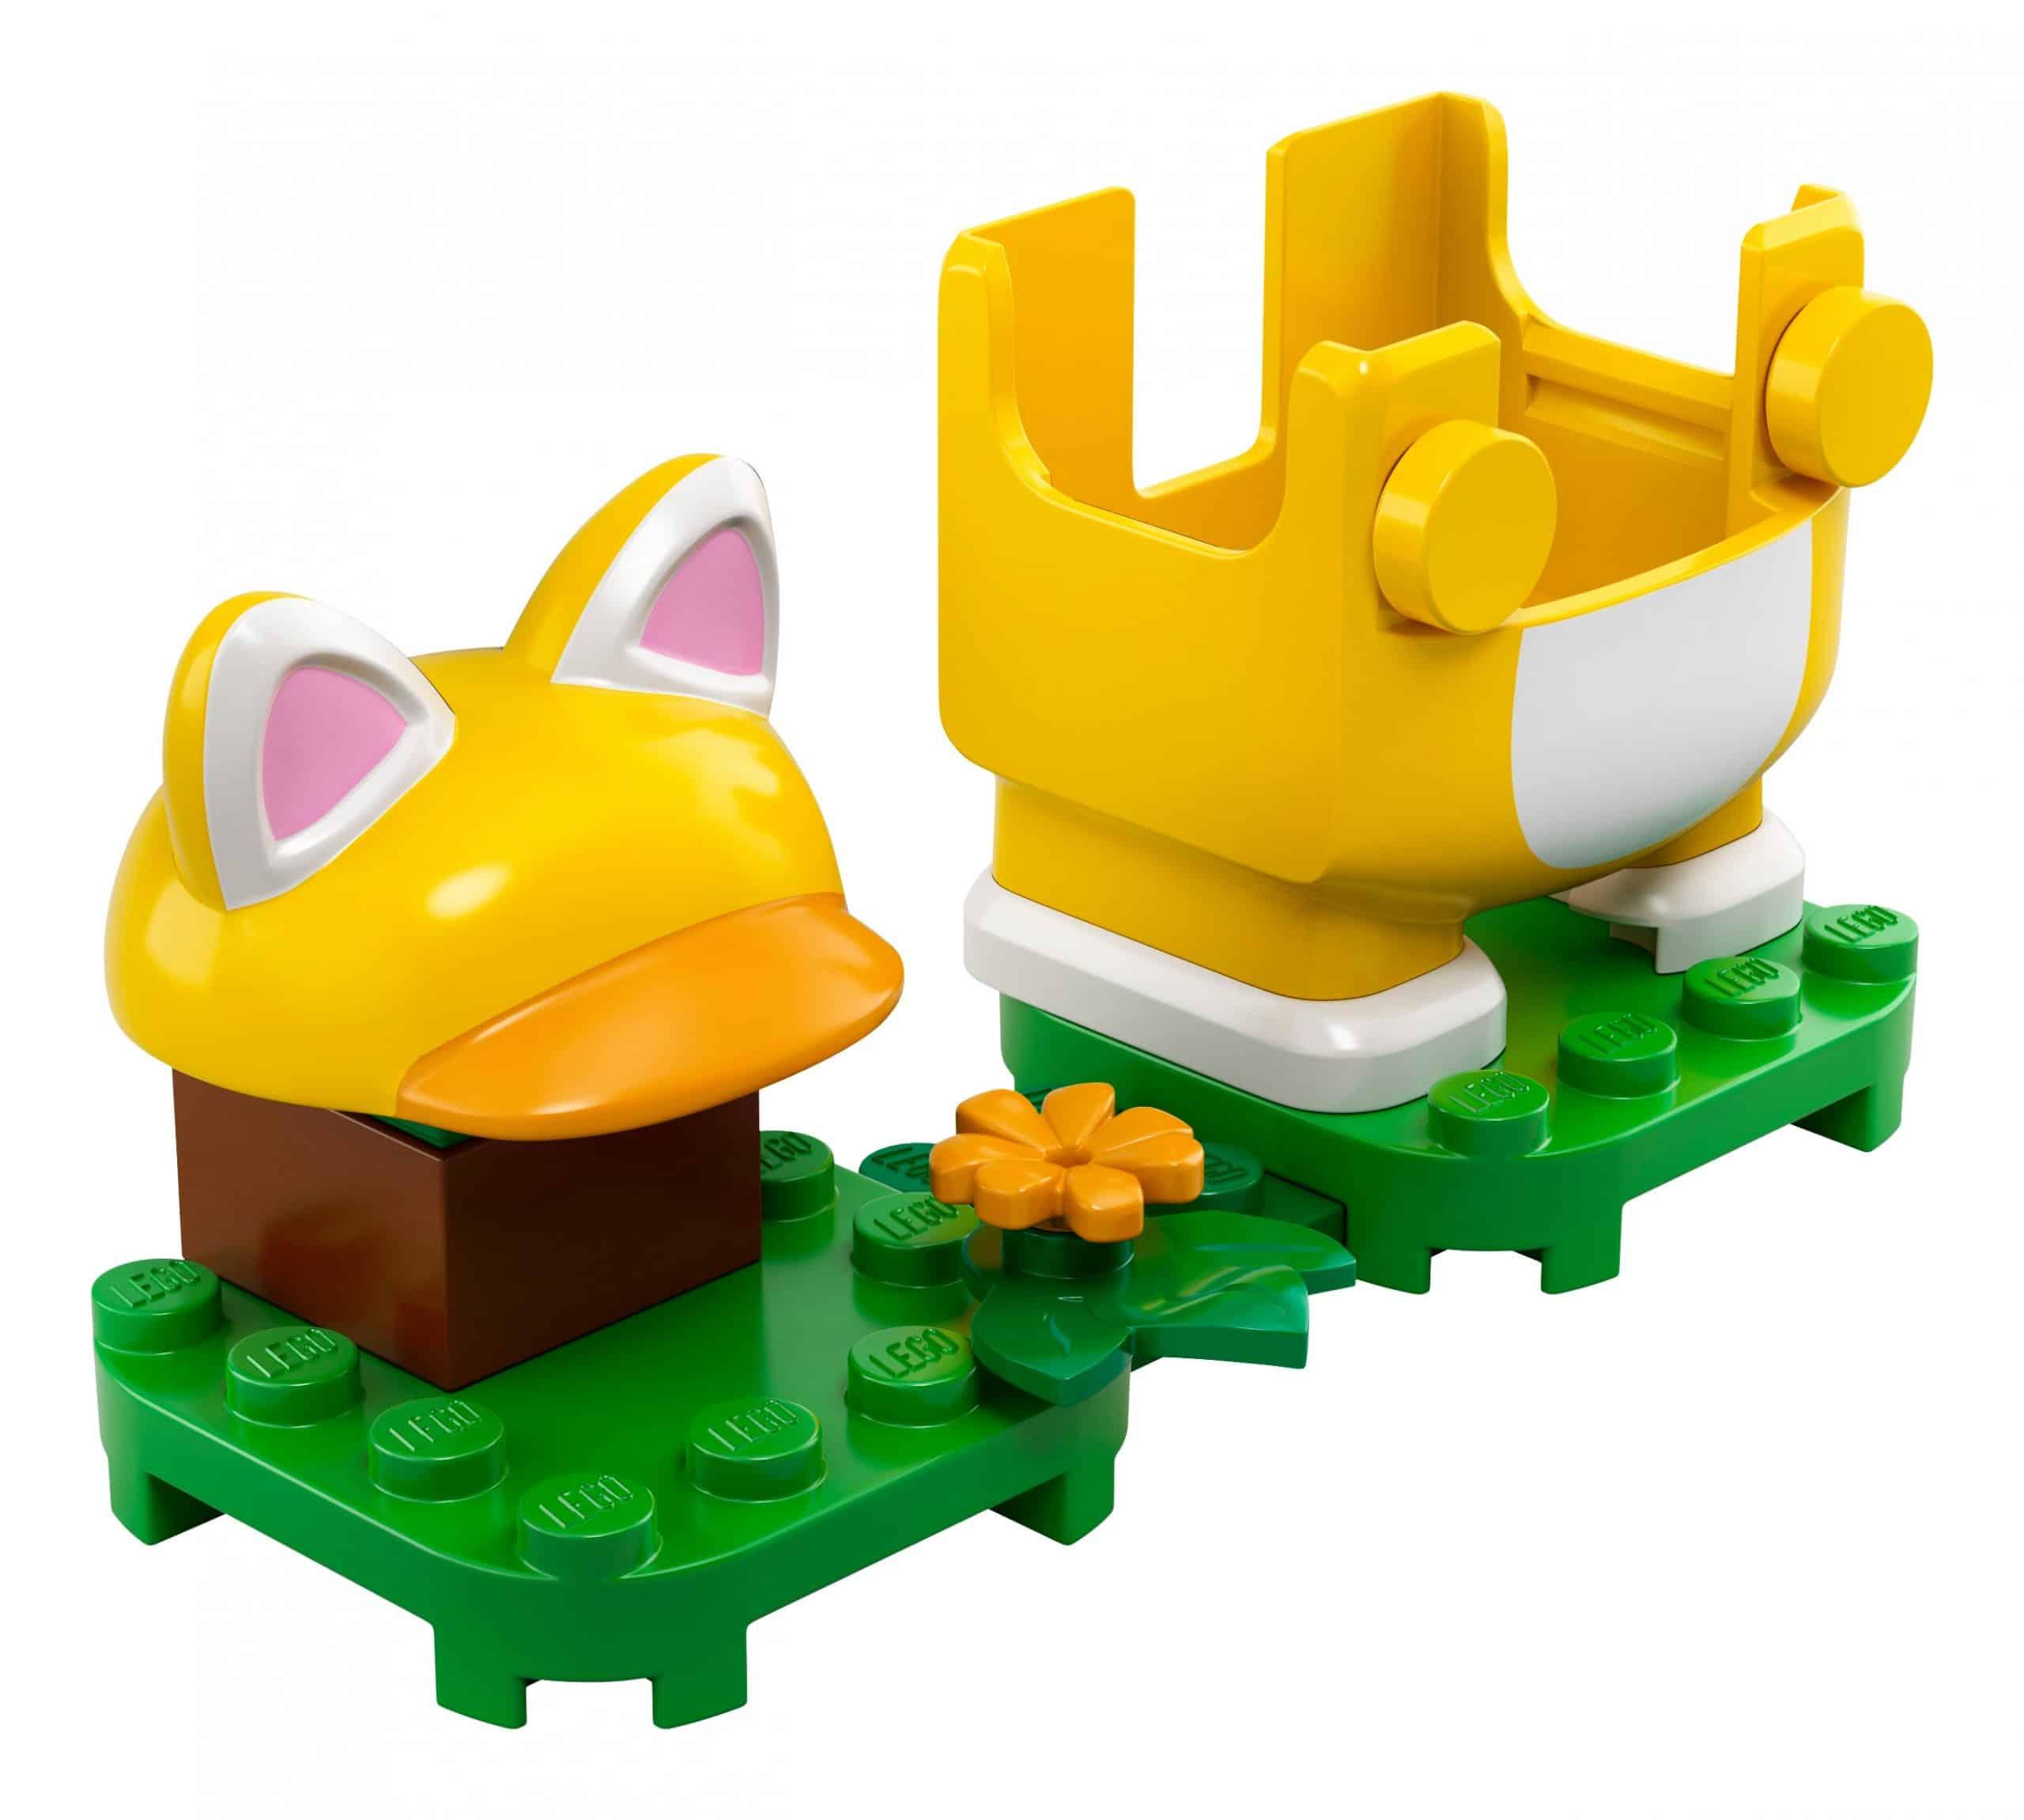 lego power uppakket kat mario 71372 scaled